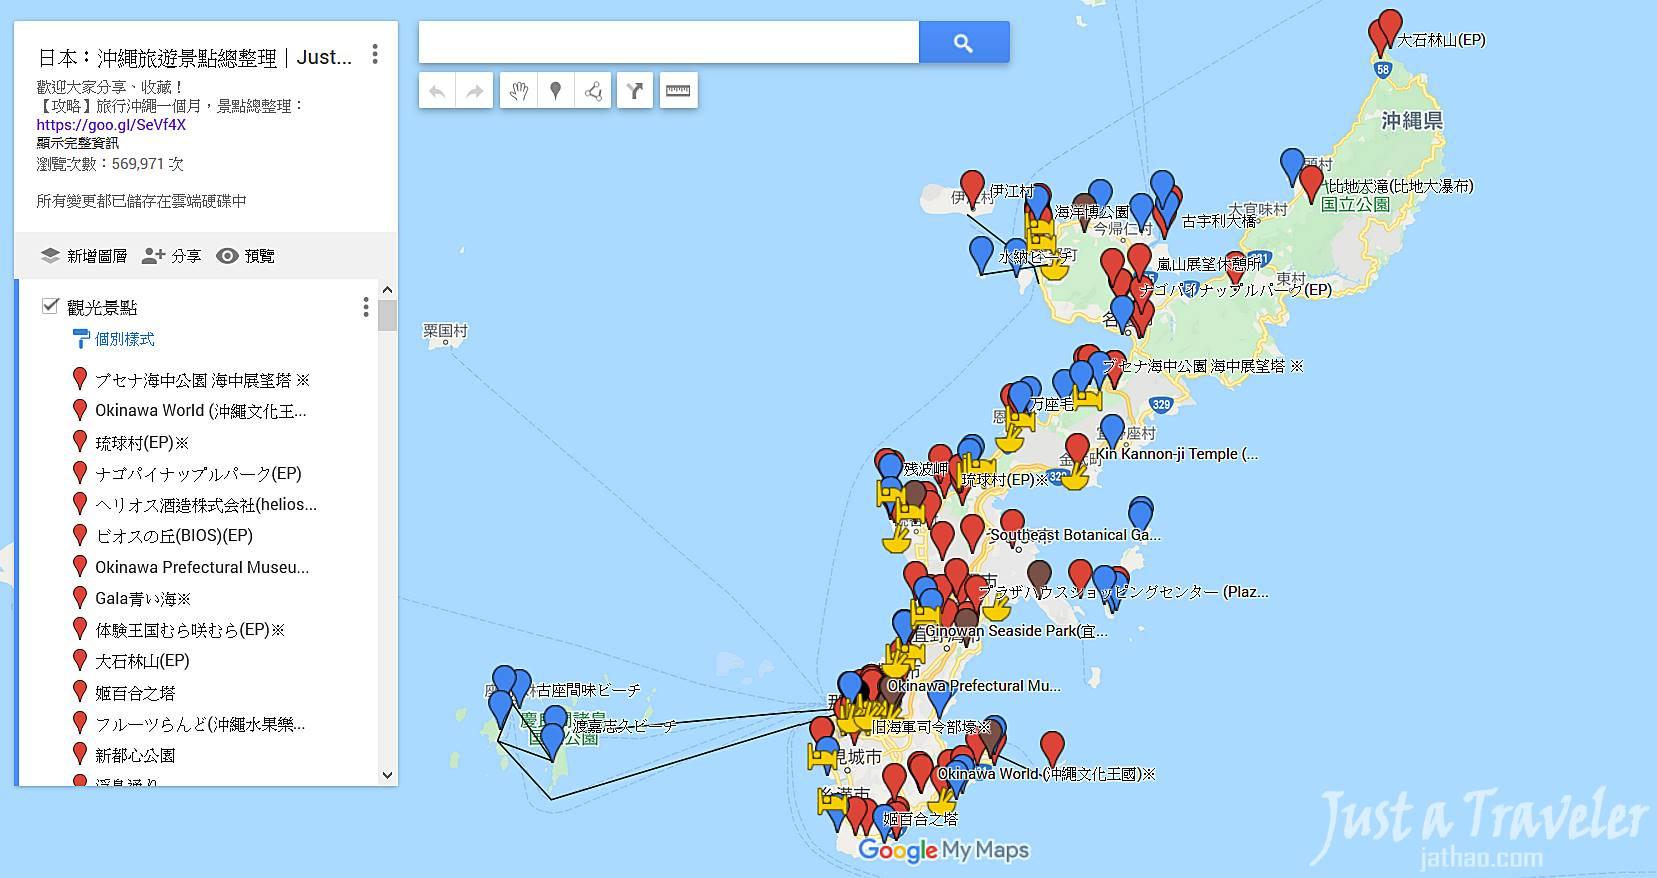 沖繩-沖繩自由行-沖繩旅遊-沖繩旅行-沖繩景點-推薦-沖繩旅遊地圖-日本-Okinawa-attractions-map